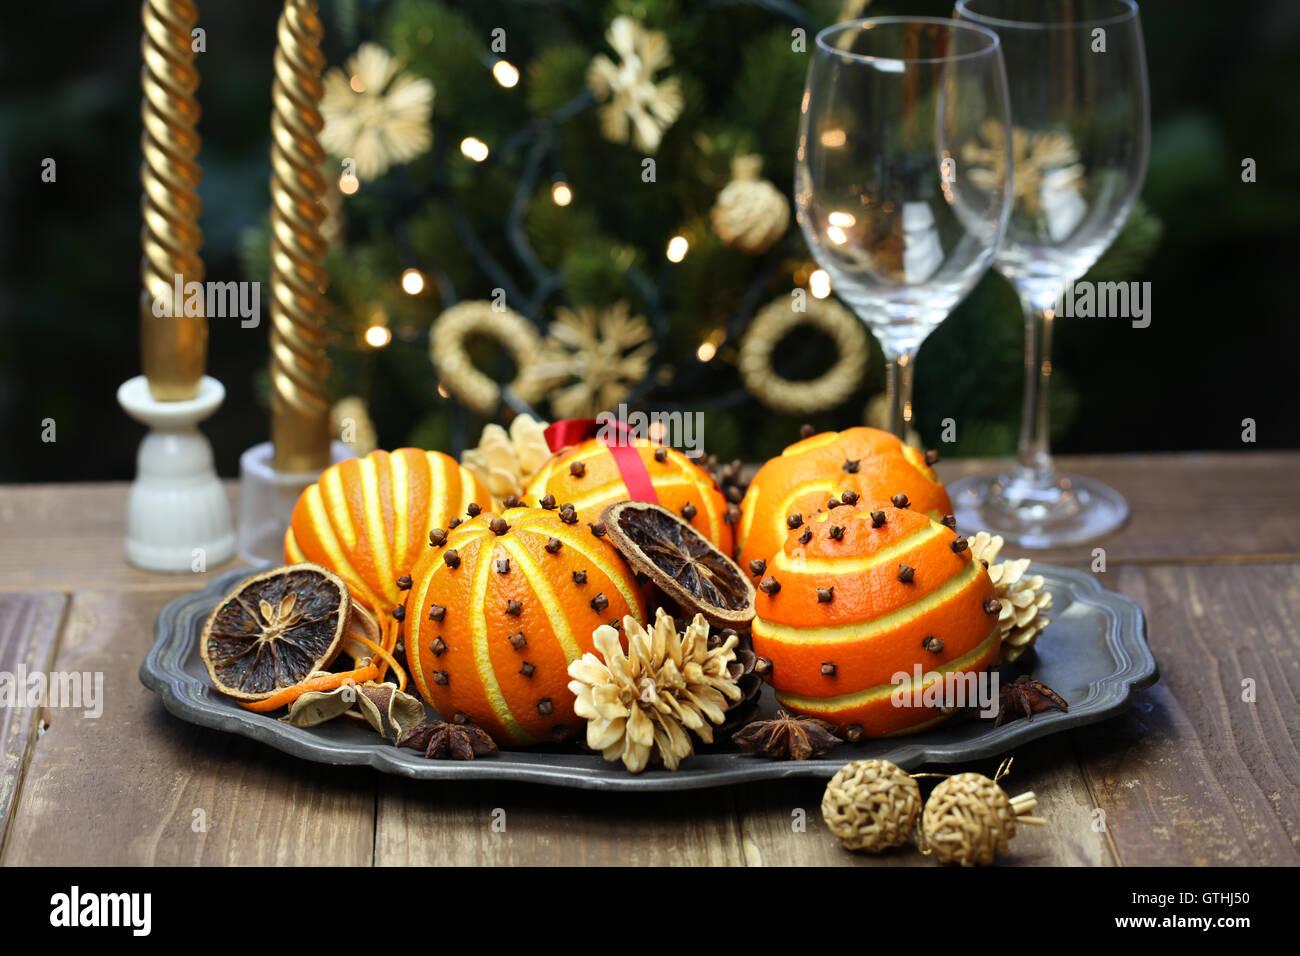 gewürzte orange Pomander Kugeln, duftende Weihnachten Tischdekoration Stockbild